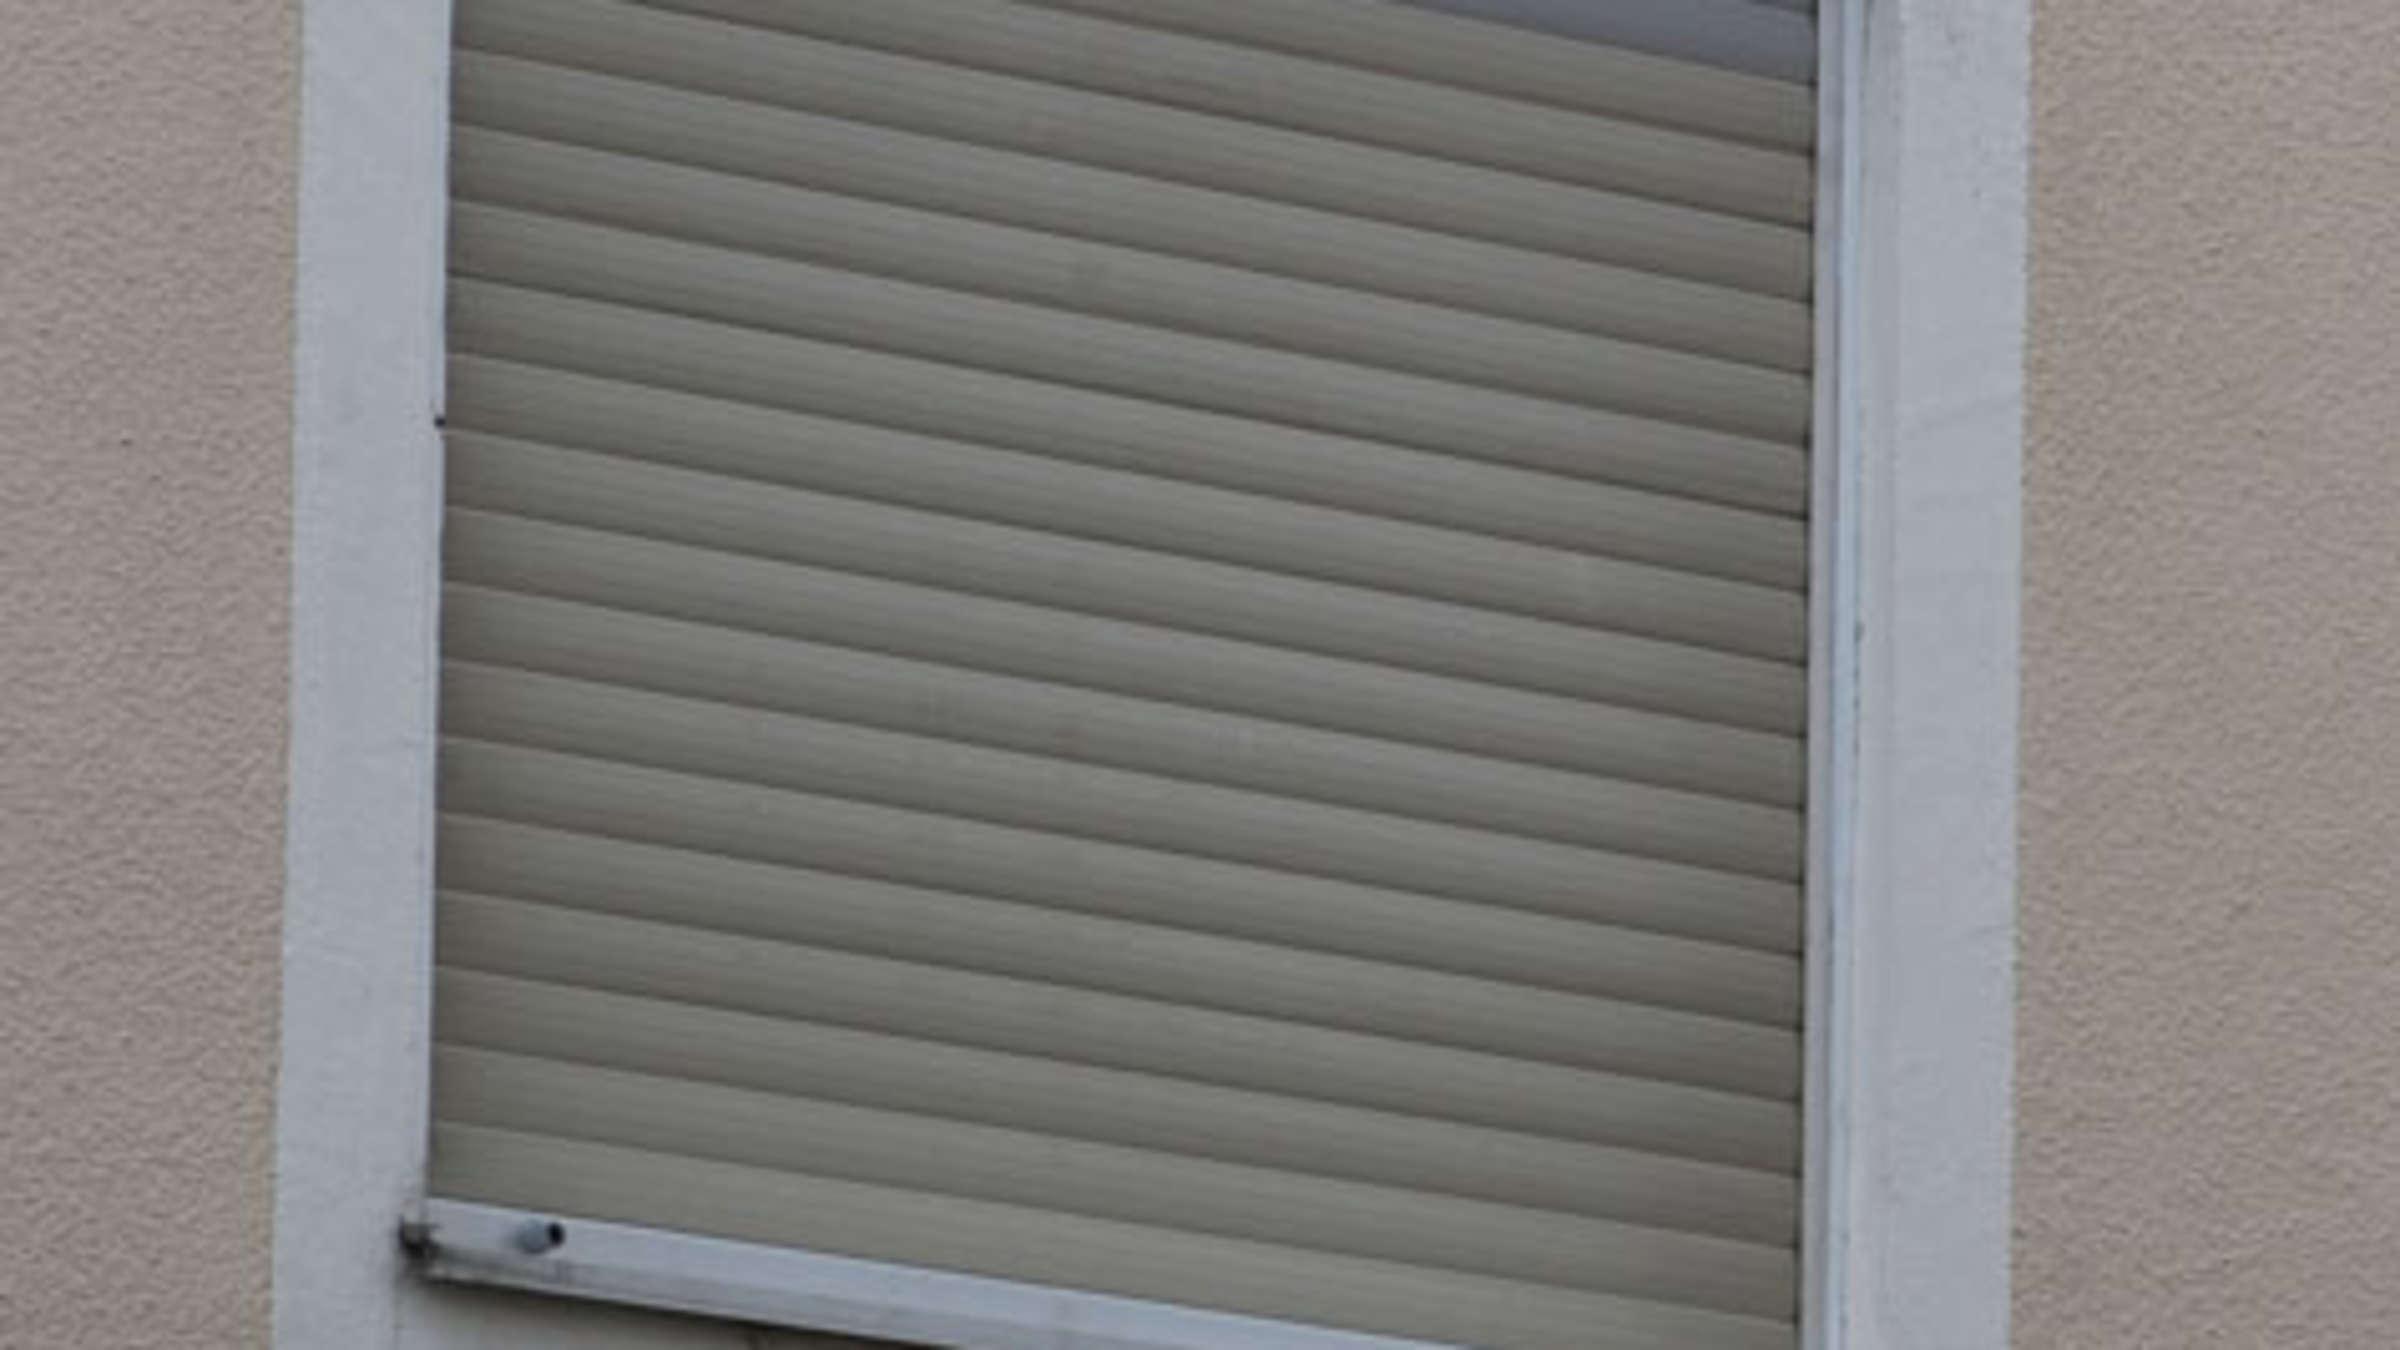 Full Size of Fenster Rolladen Nachträglich Einbauen Nachrsten Von Rollladen Lohnt Sich Oft Nicht Wohnen Rahmenlose Velux Rollo Sonnenschutz Plissee Sicherheitsbeschläge Fenster Fenster Rolladen Nachträglich Einbauen